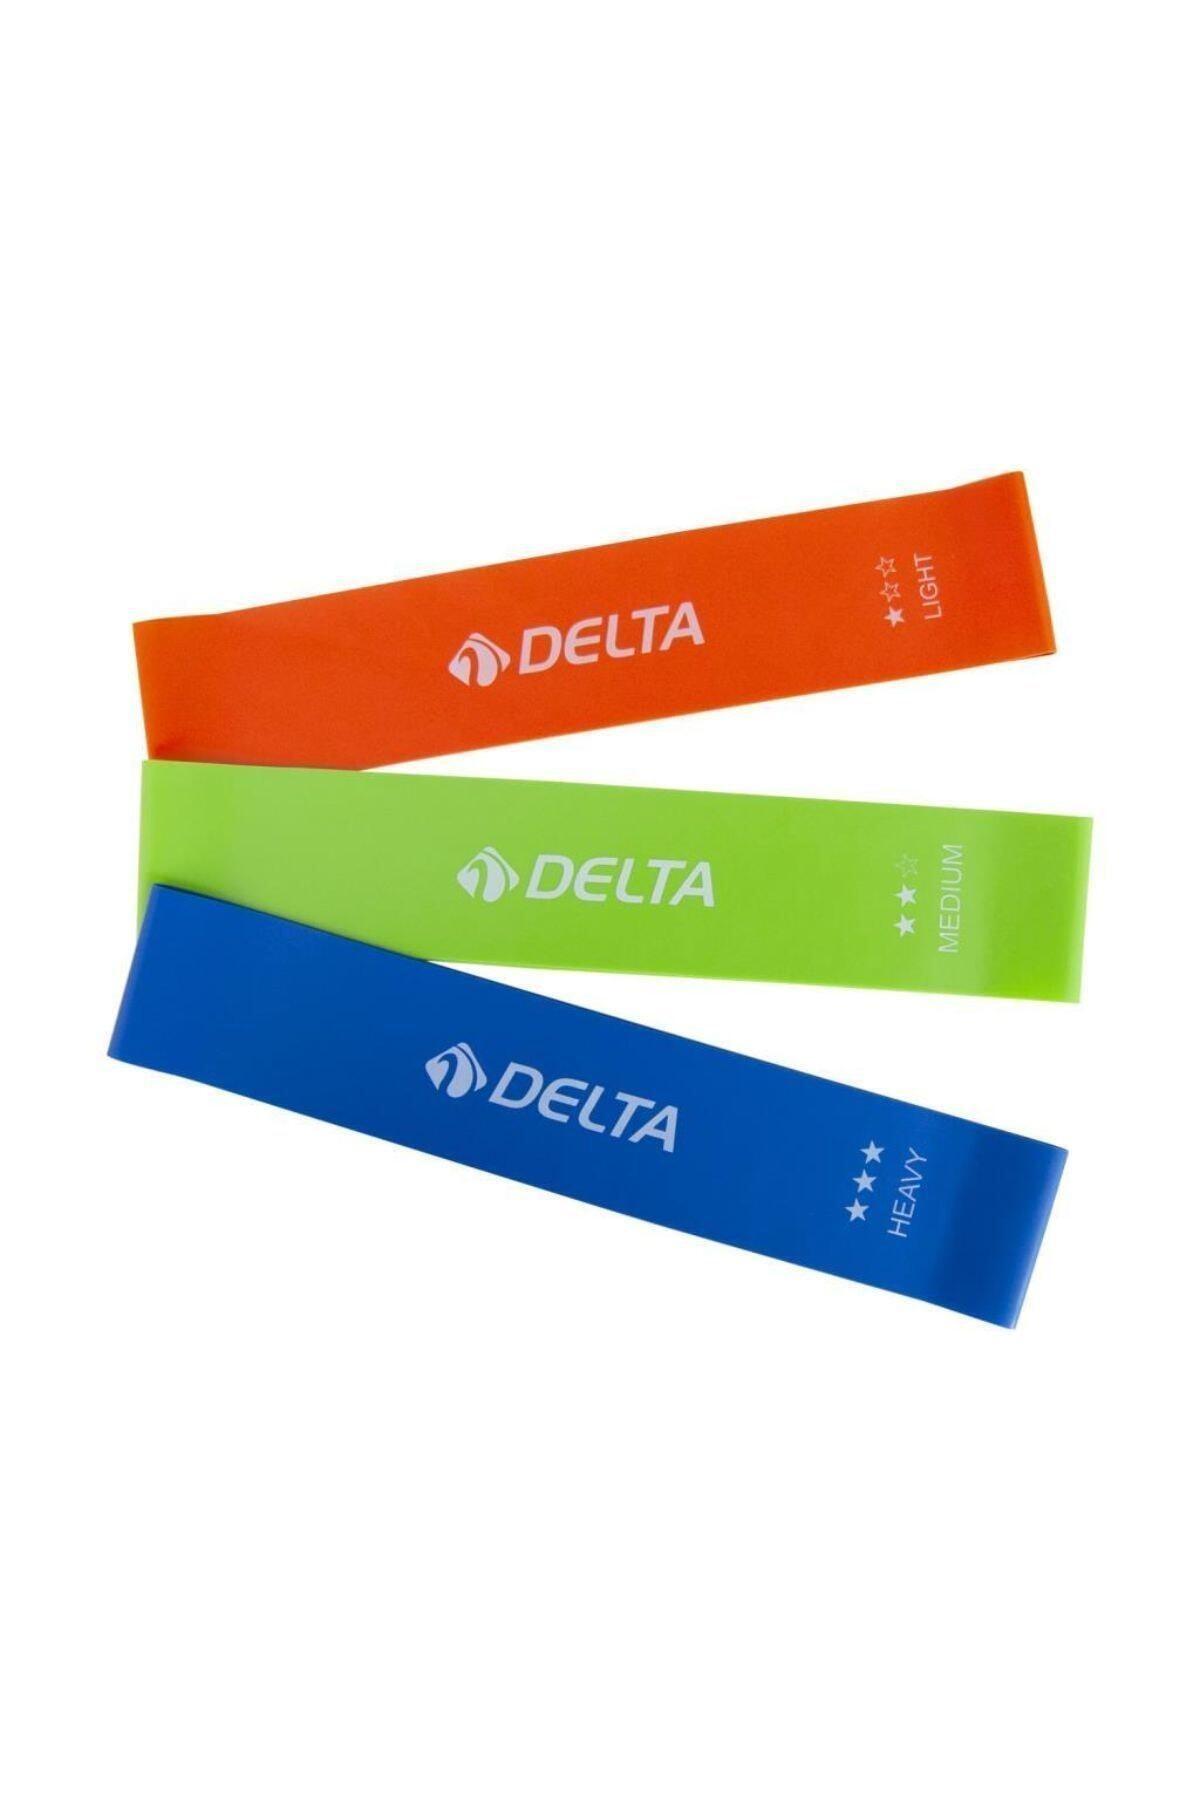 Delta Als980 3'lü Aerobik Bandı Lateks Bant Pilates Lastiği Seti 2